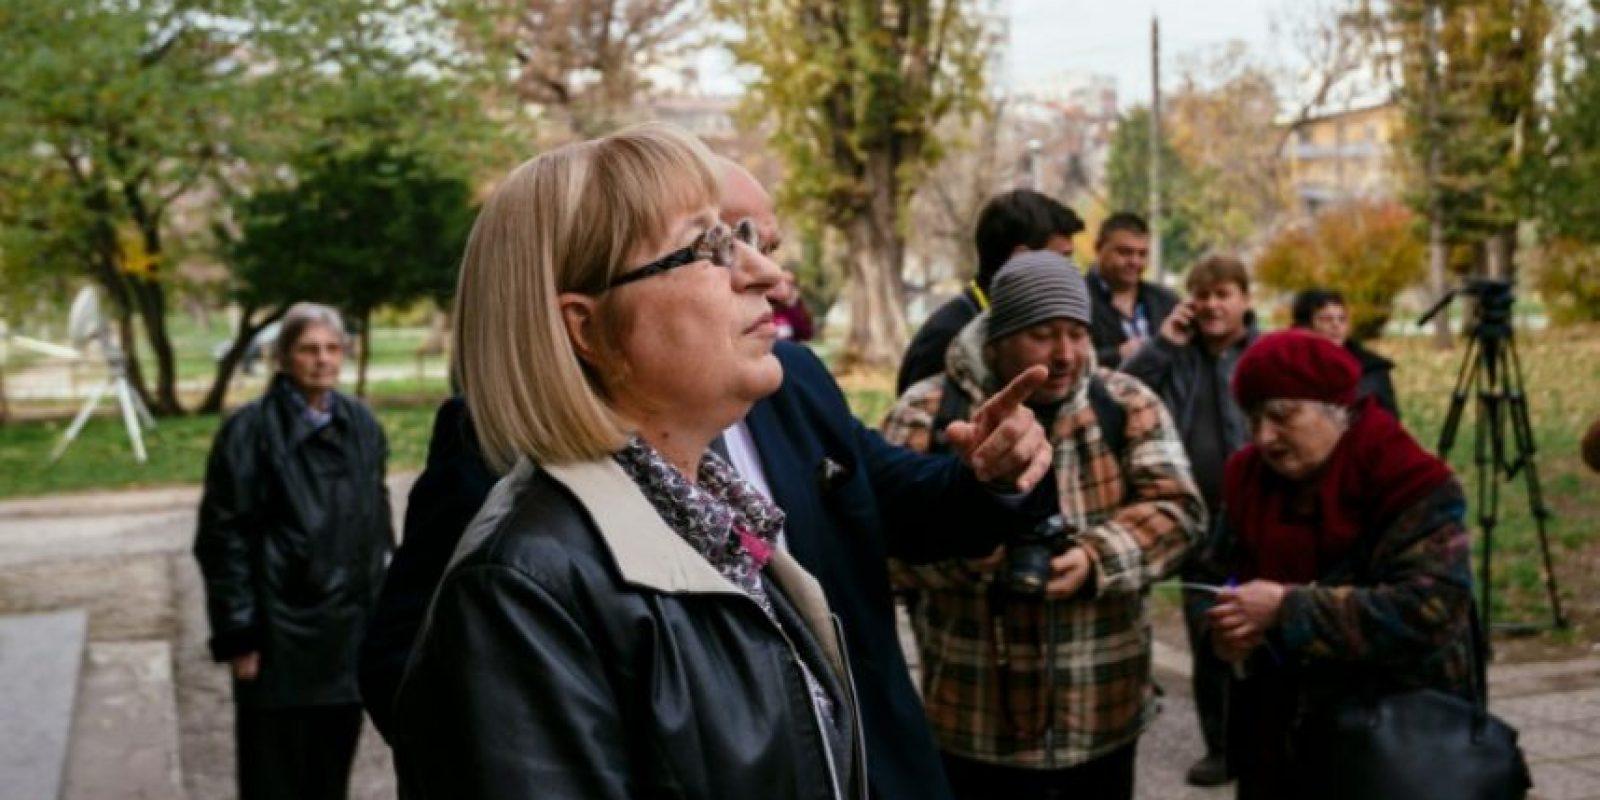 Tsetska Tsacheva, candidata del partido de centro derecha gobernante GERB después de votar en la ciudad de Pleven, el 6 de noviembre de 2016. Foto:DIMITAR DILKOFF/afp.com